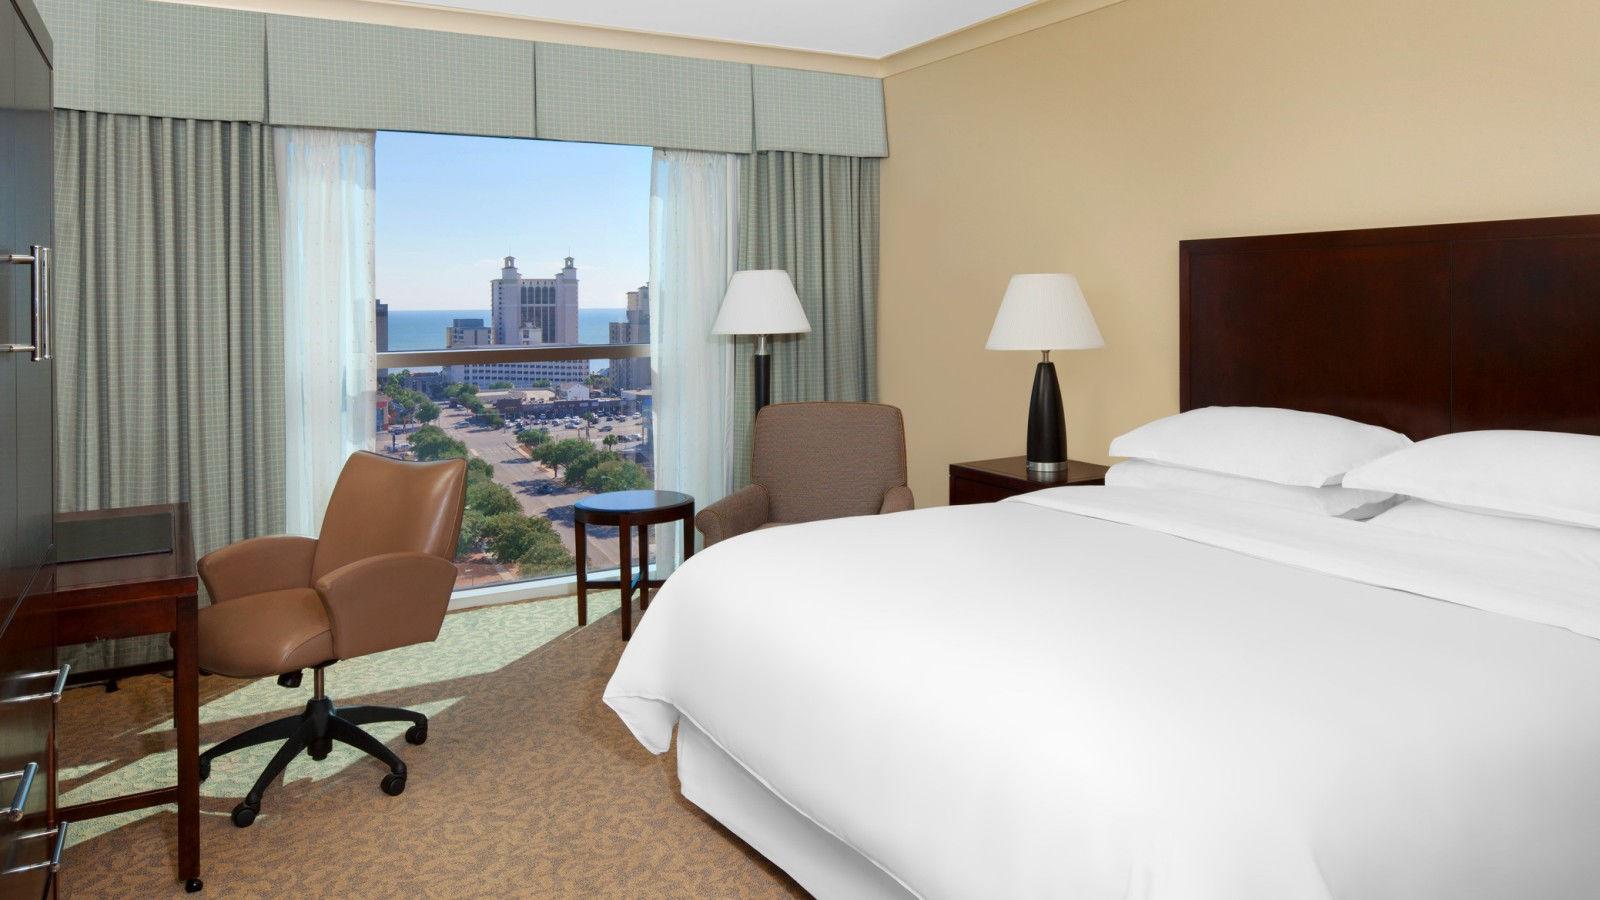 Hotel In Myrtle Beach  Sheraton Myrtle Beach Convention